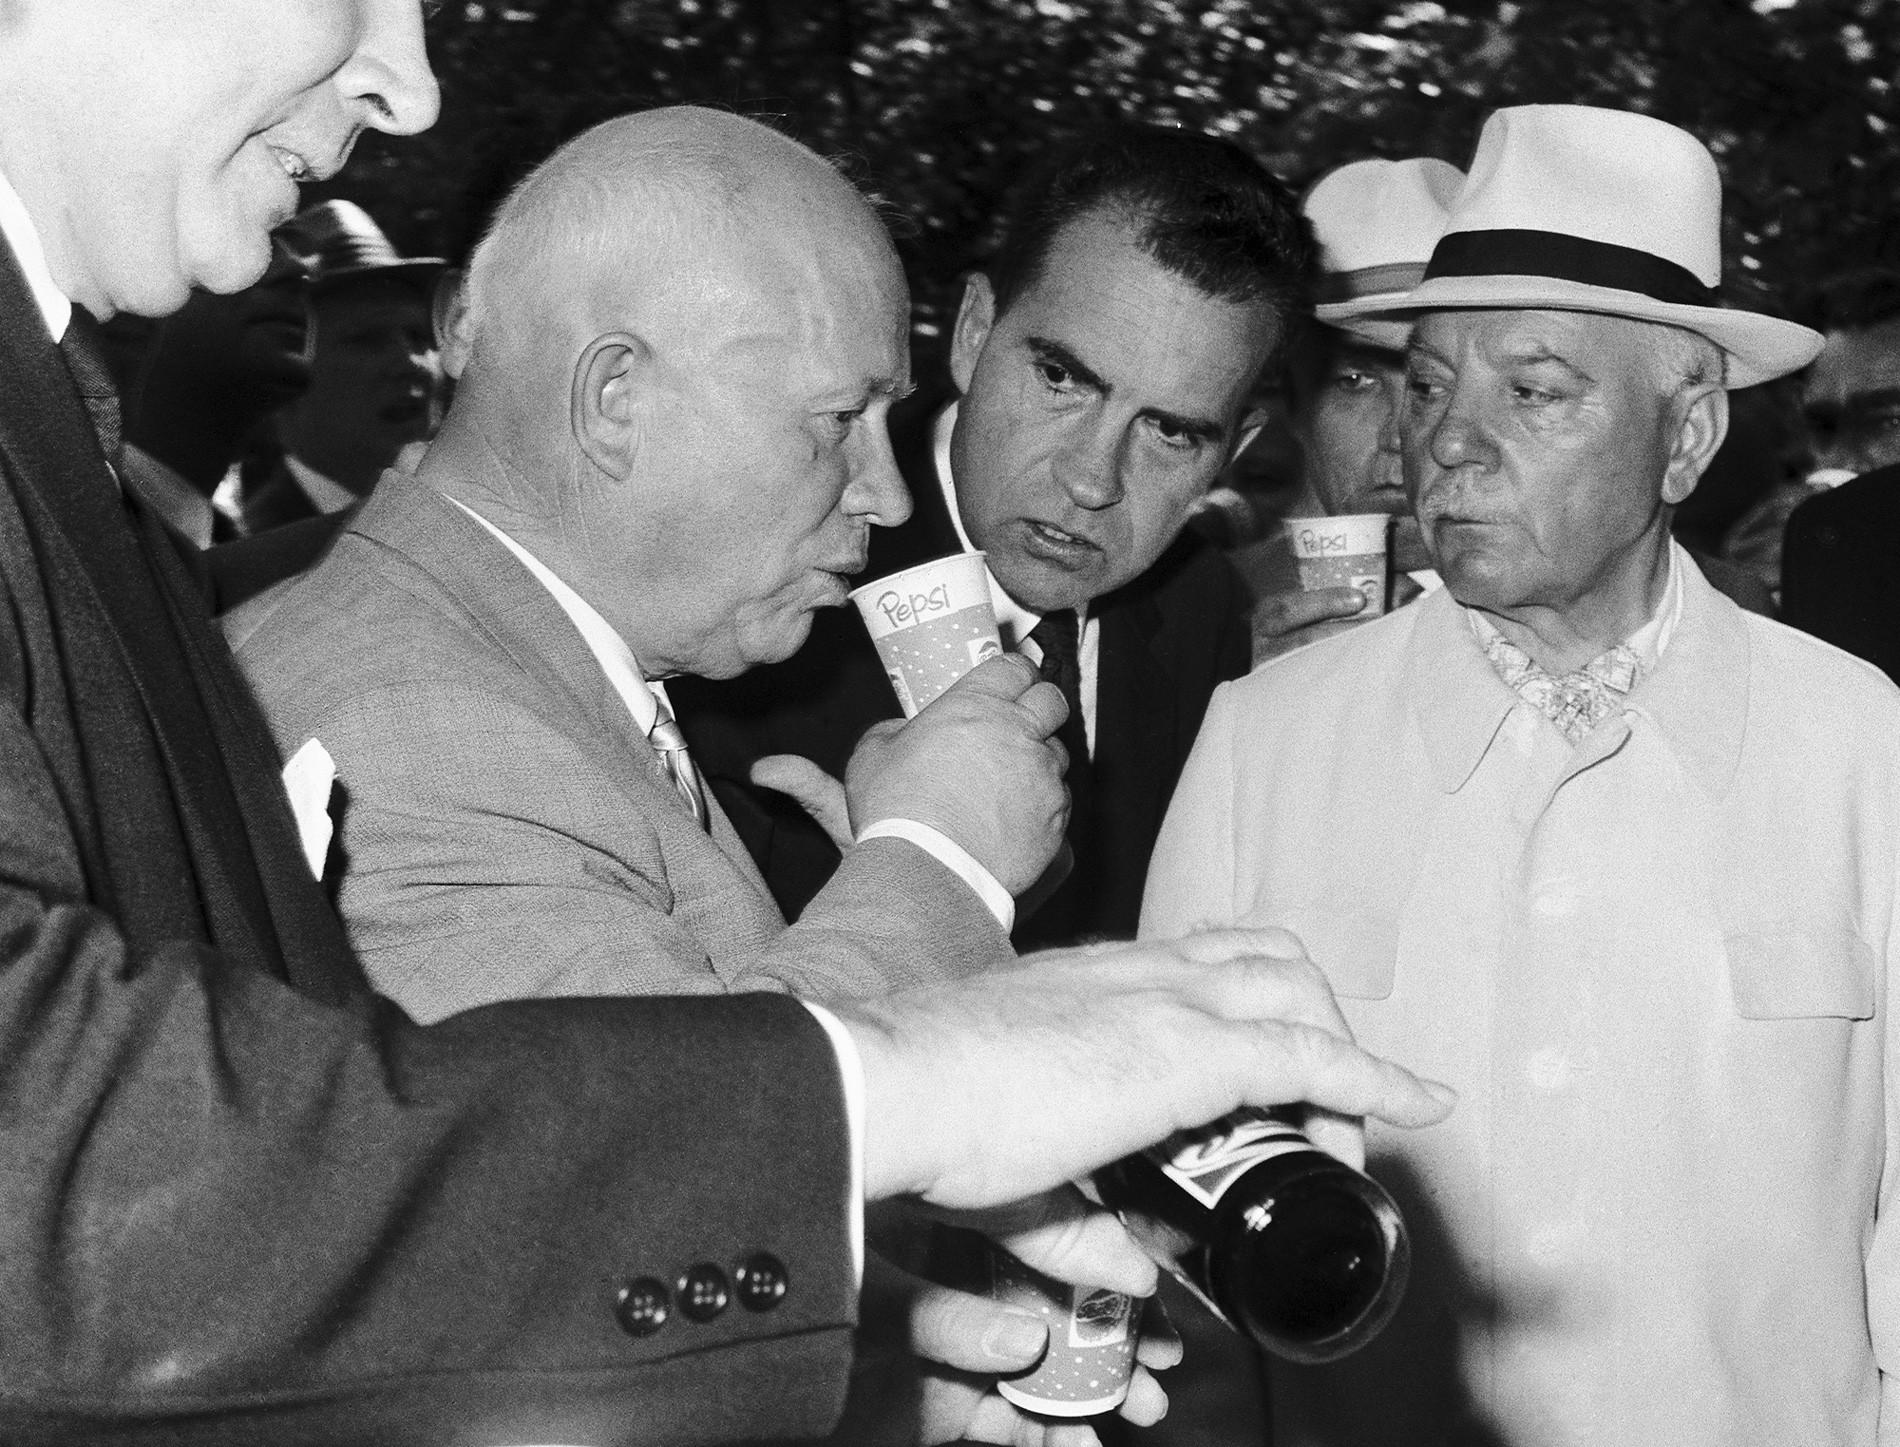 """Москва, Советскиот Сојуз. Советскиот премиер Никита Хрушчов испива Пепси кола под будното око на претседателот на САД Ричард Никсон (во центарот) и претседателот на СССР Климент Ворошилов (десно) во паркот """"Сокољники"""" на 24 јули 1959 година."""